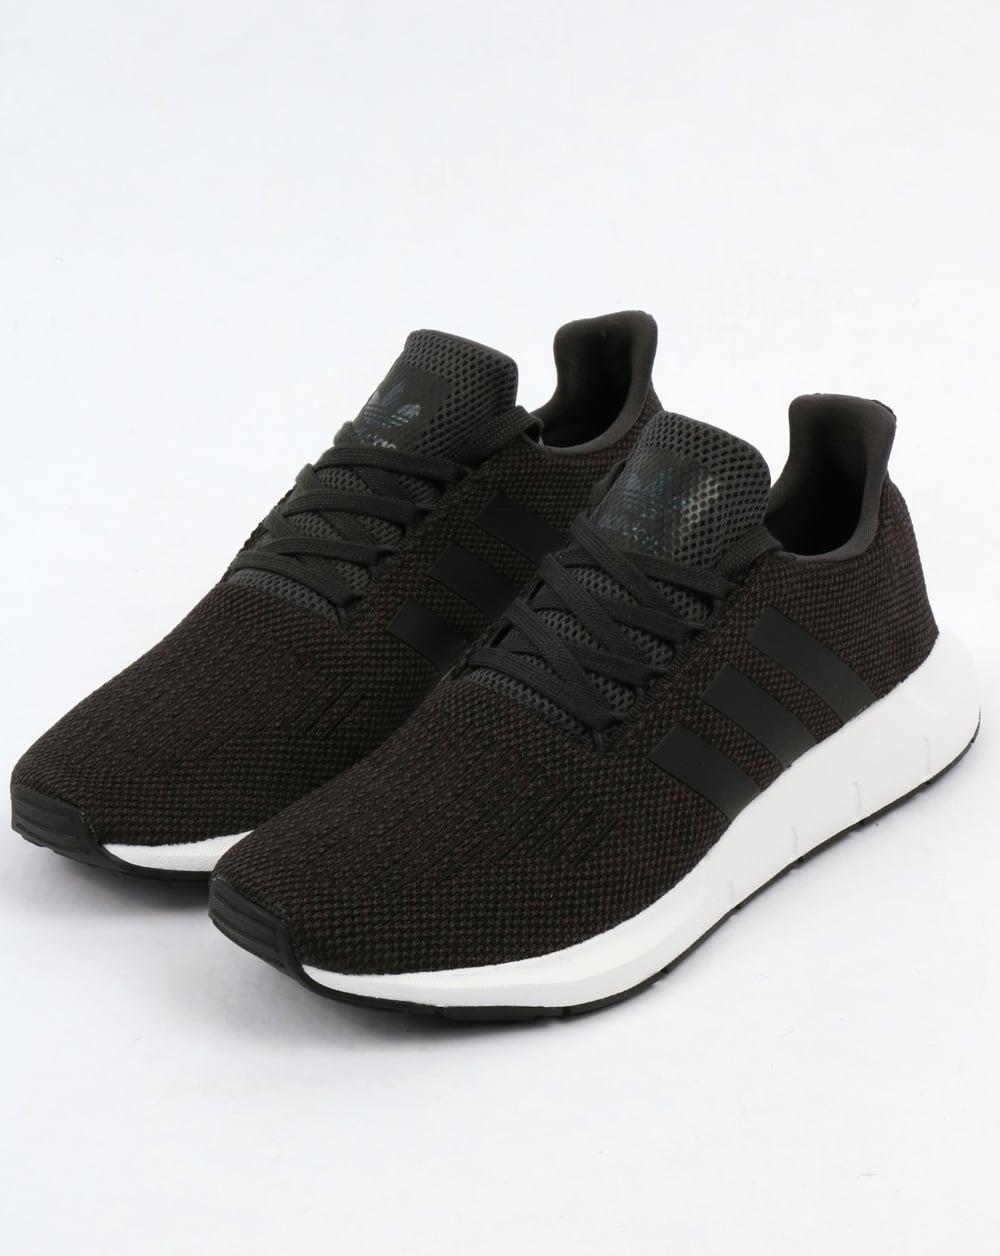 a27f6aedfedd Adidas Swift Run Trainers Carbon Black Grey